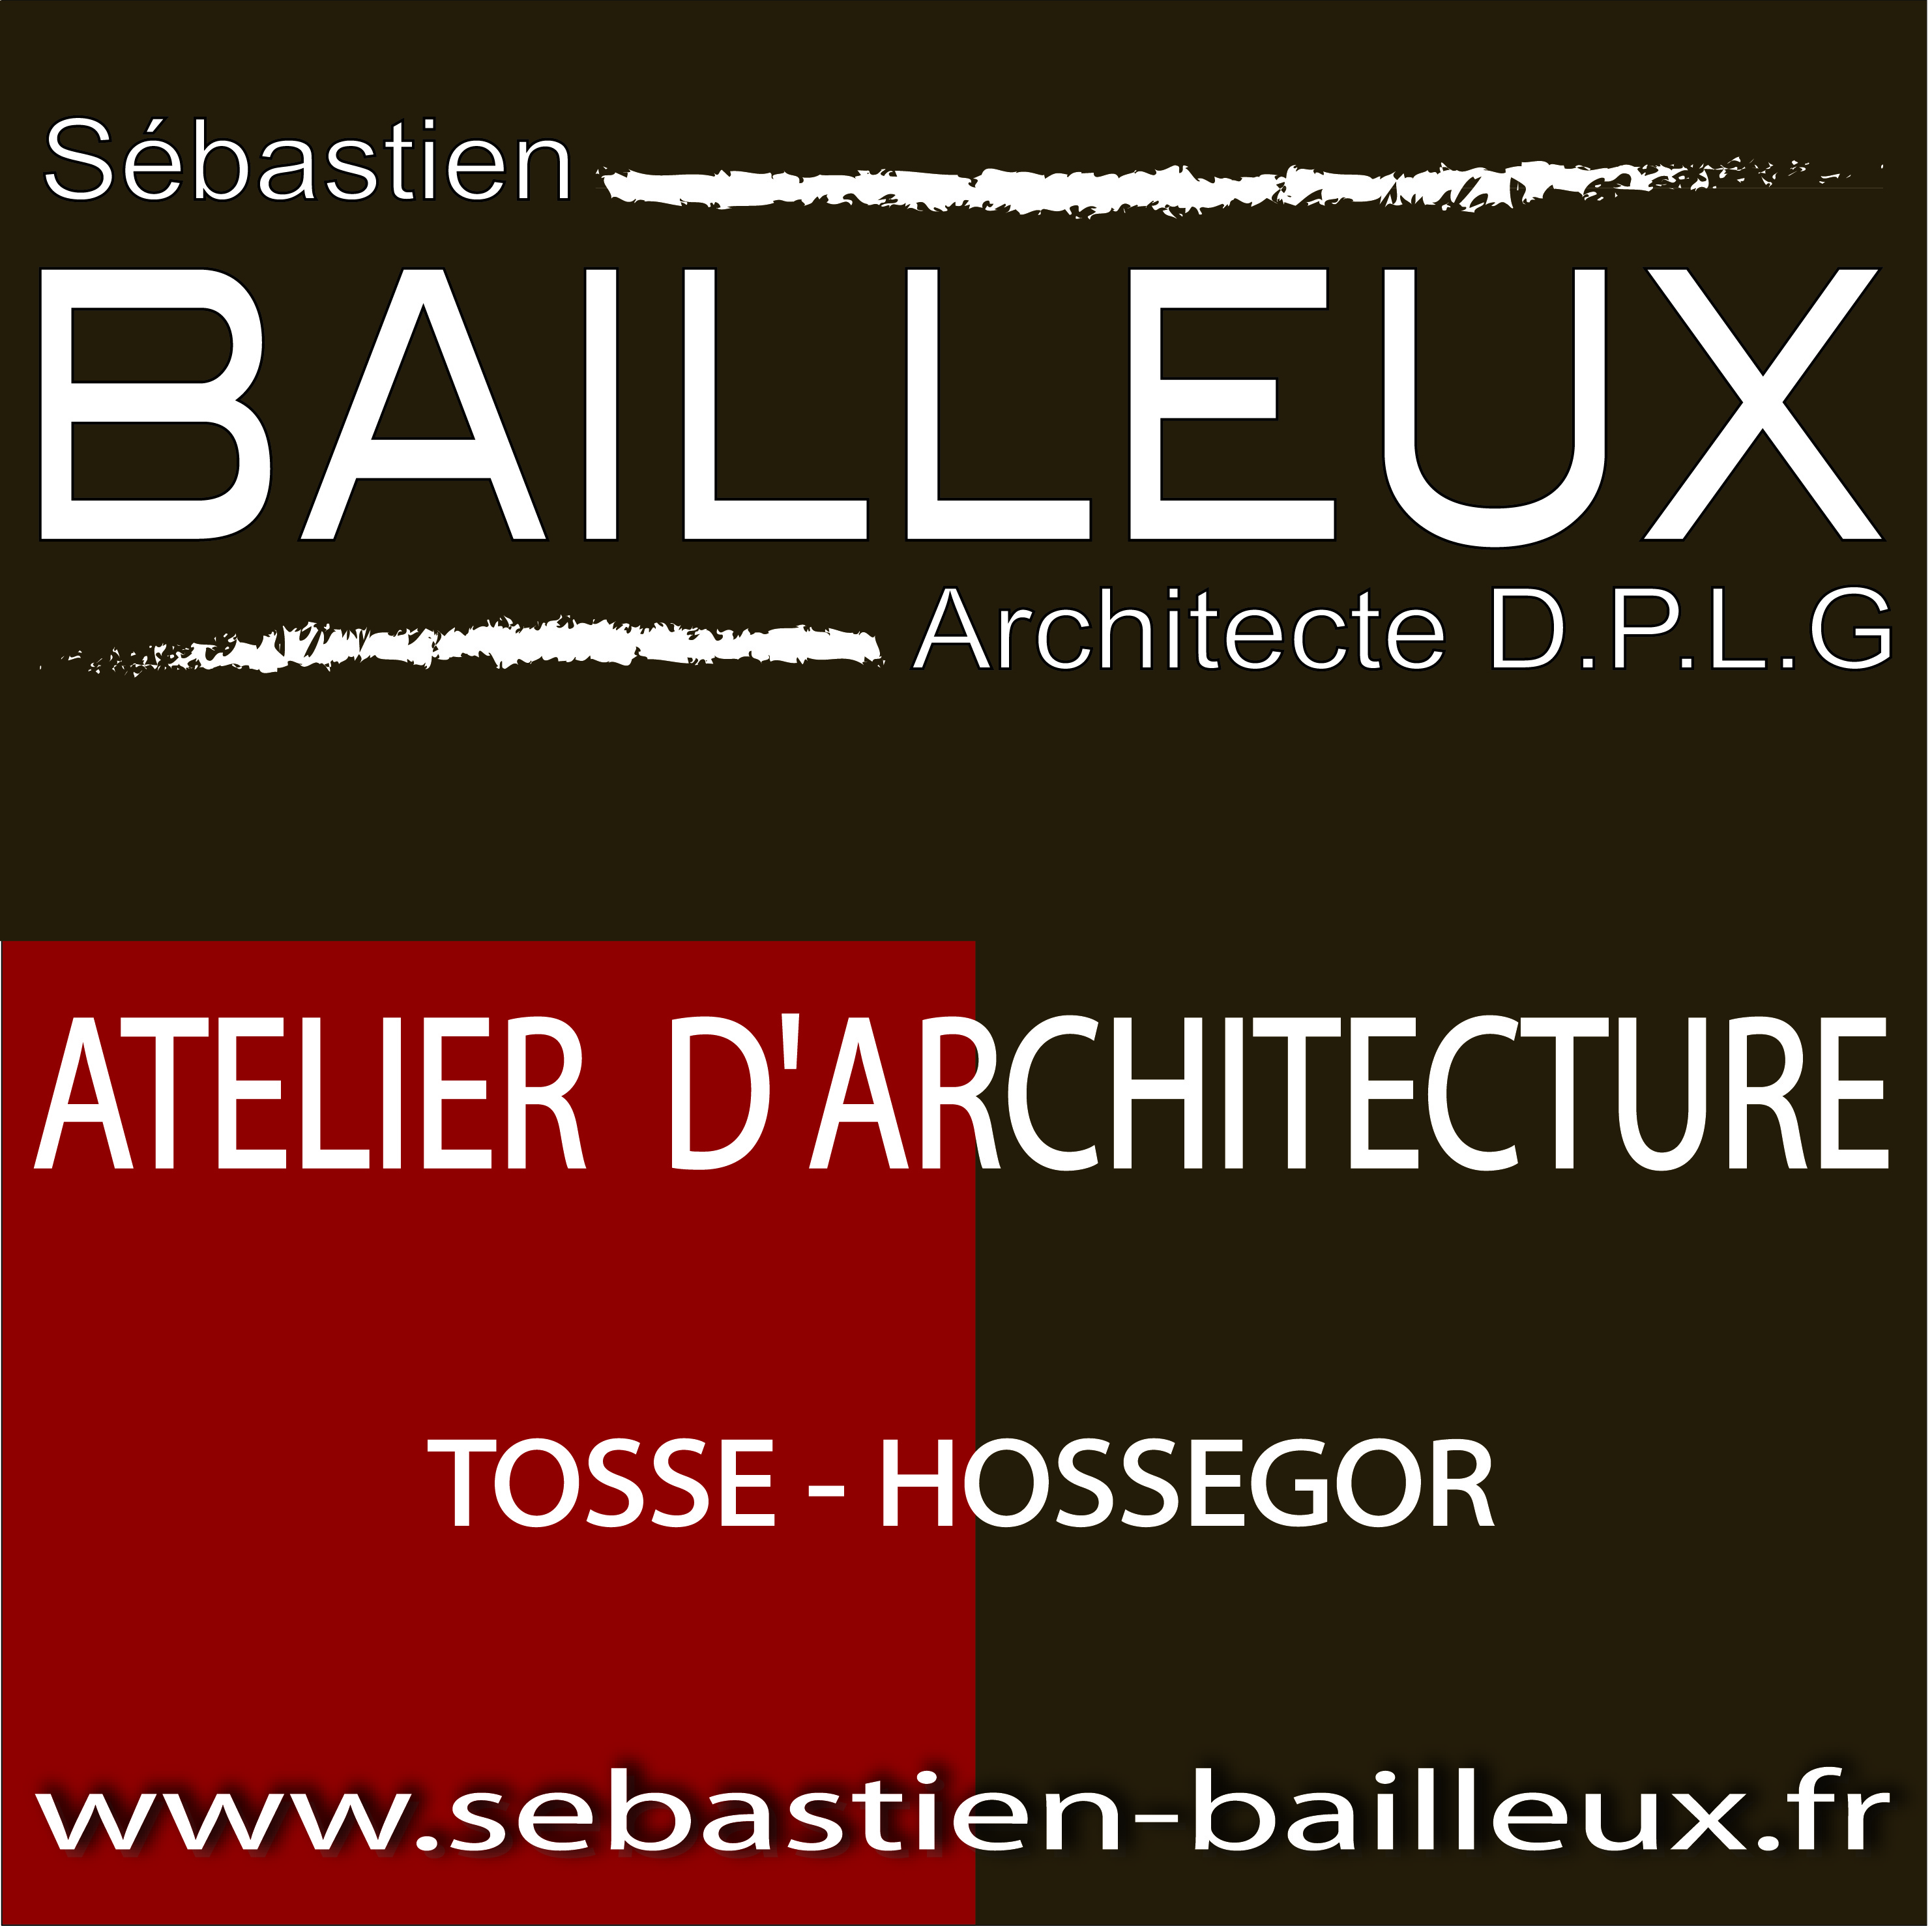 ARCHITECTE BAILLEUX